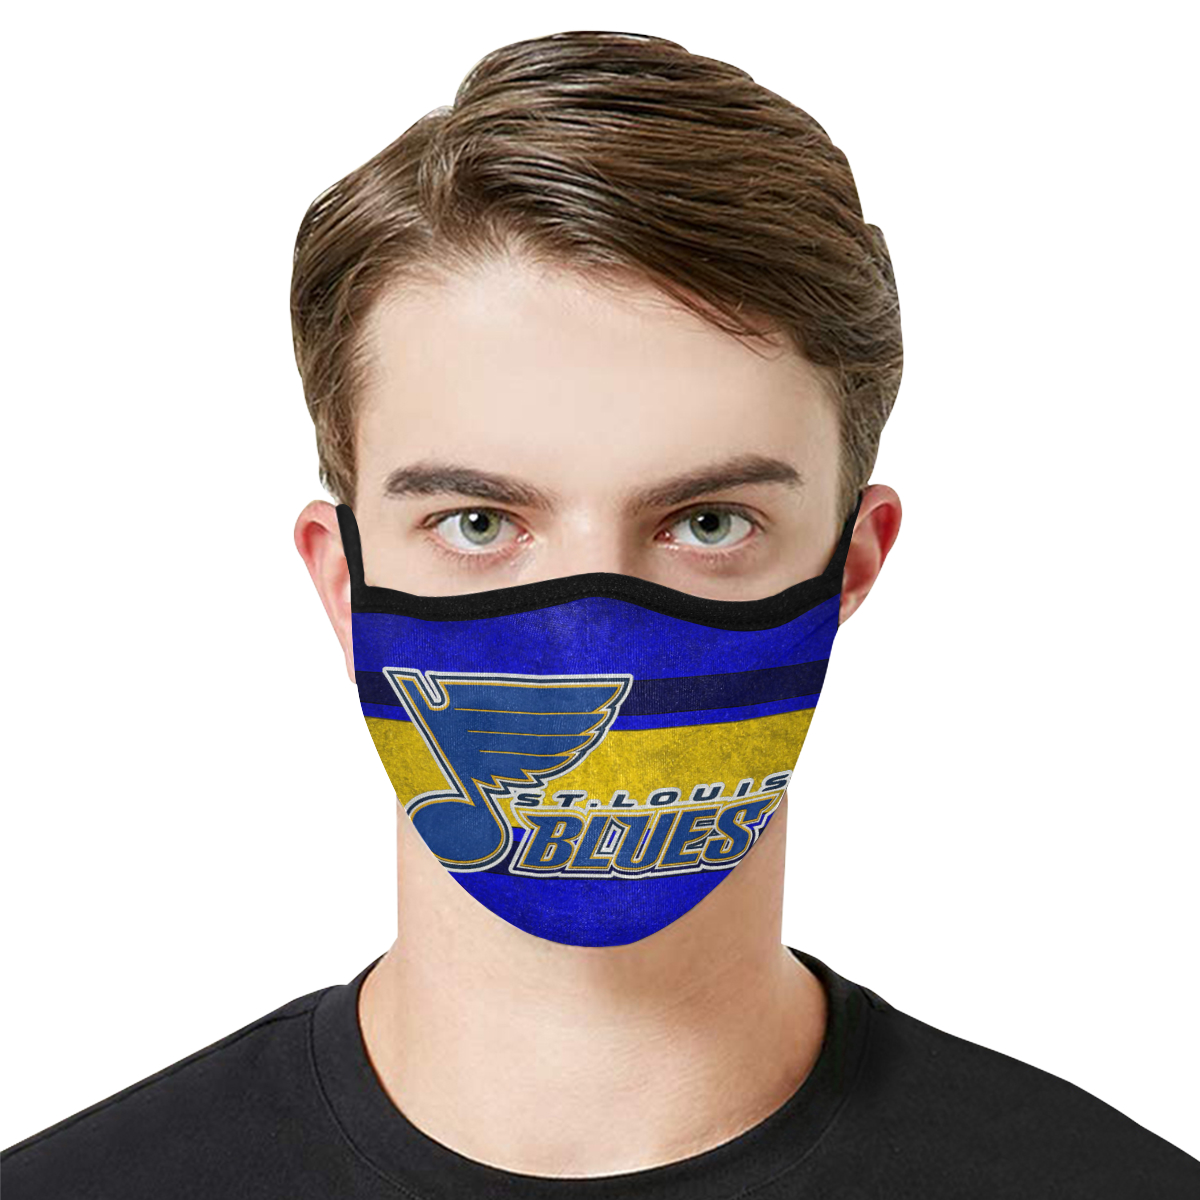 National hockey league st louis blues cotton face mask 1